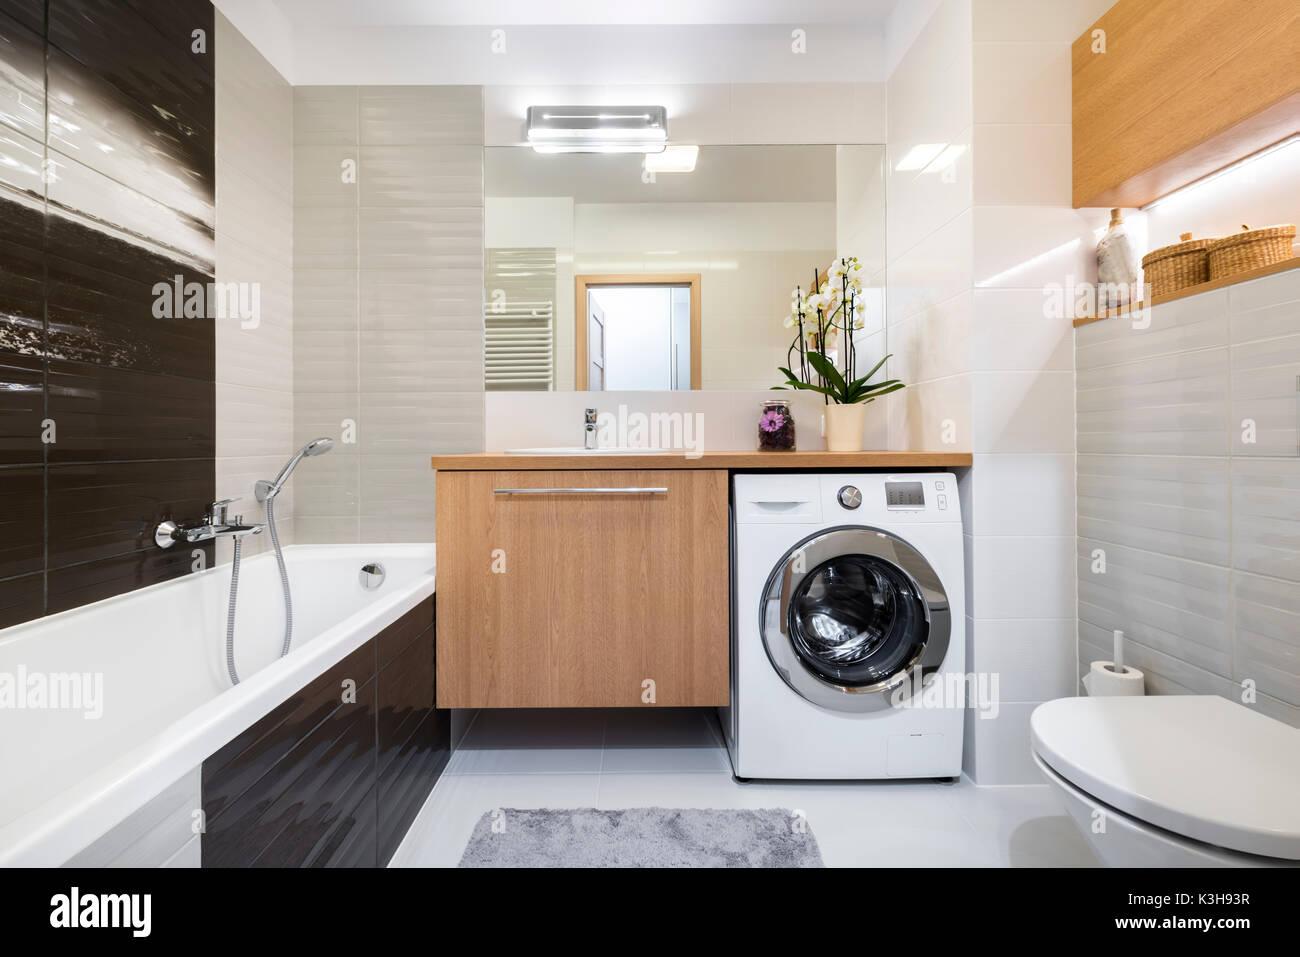 Bagno Legno E Grigio : Bagno moderno interior design in legno e finitura grigio foto